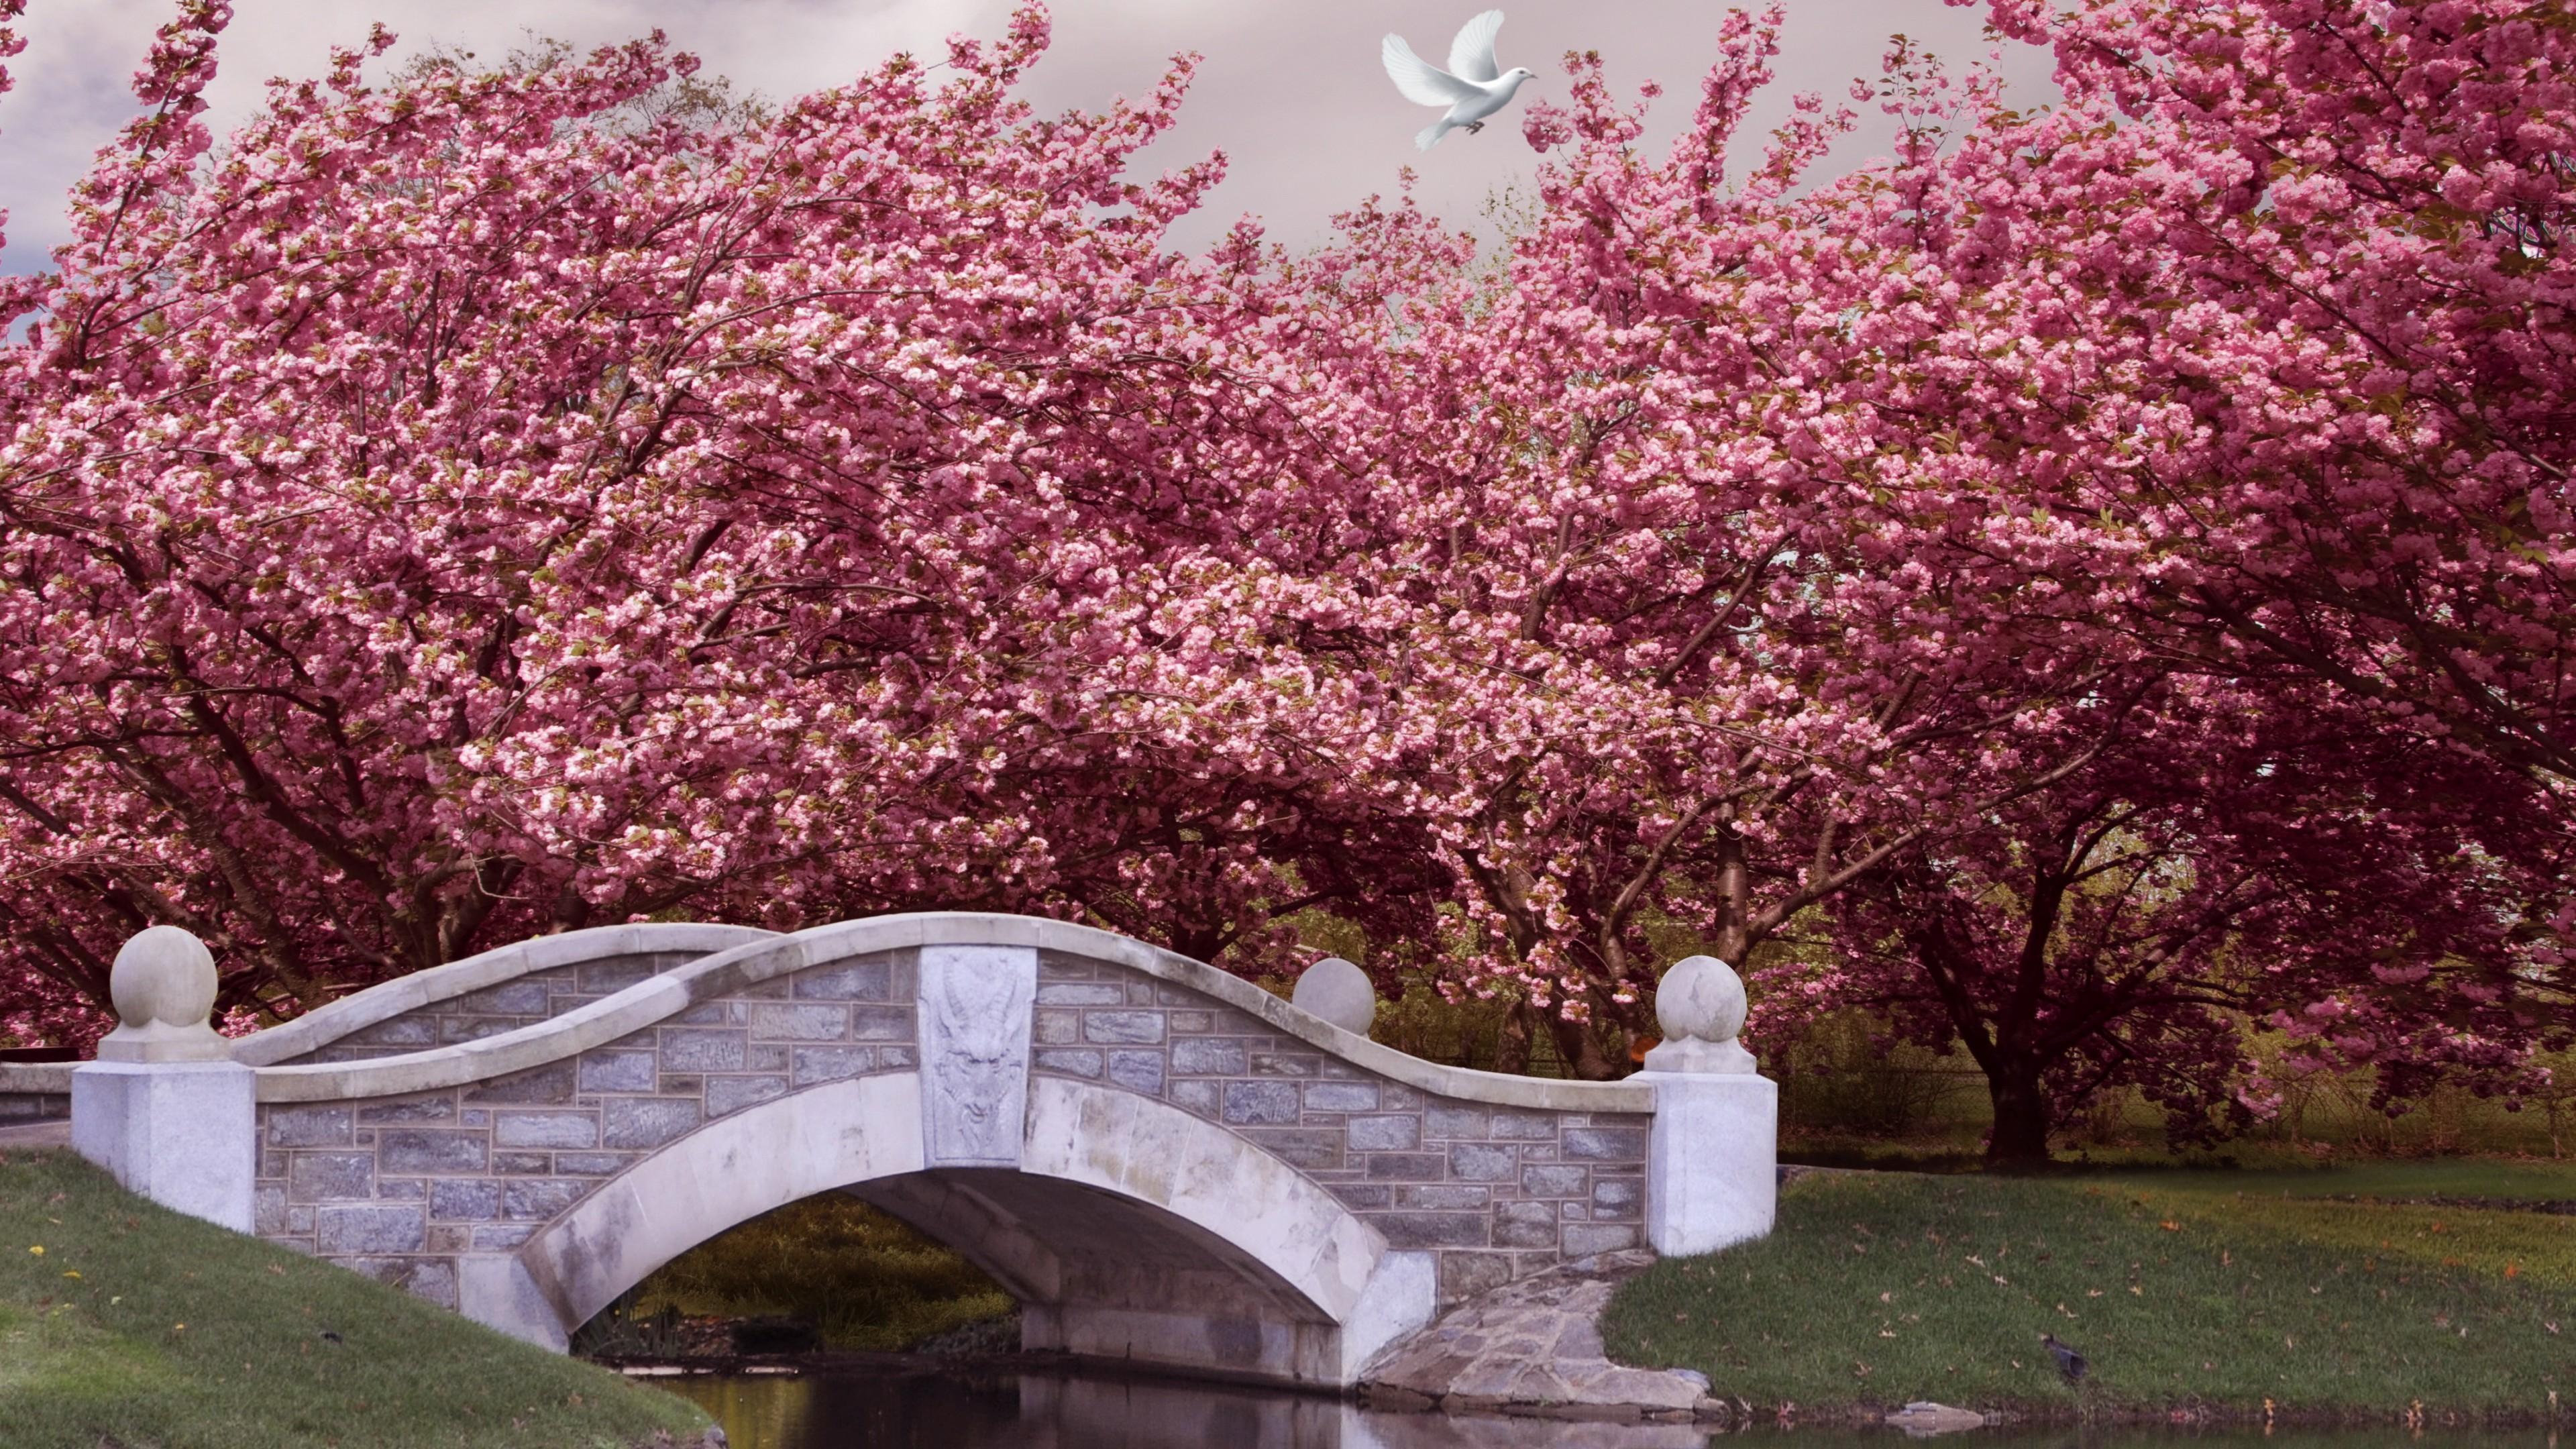 Wallpaper Japan 5k 4k Wallpaper Blossom Cherry Bridge